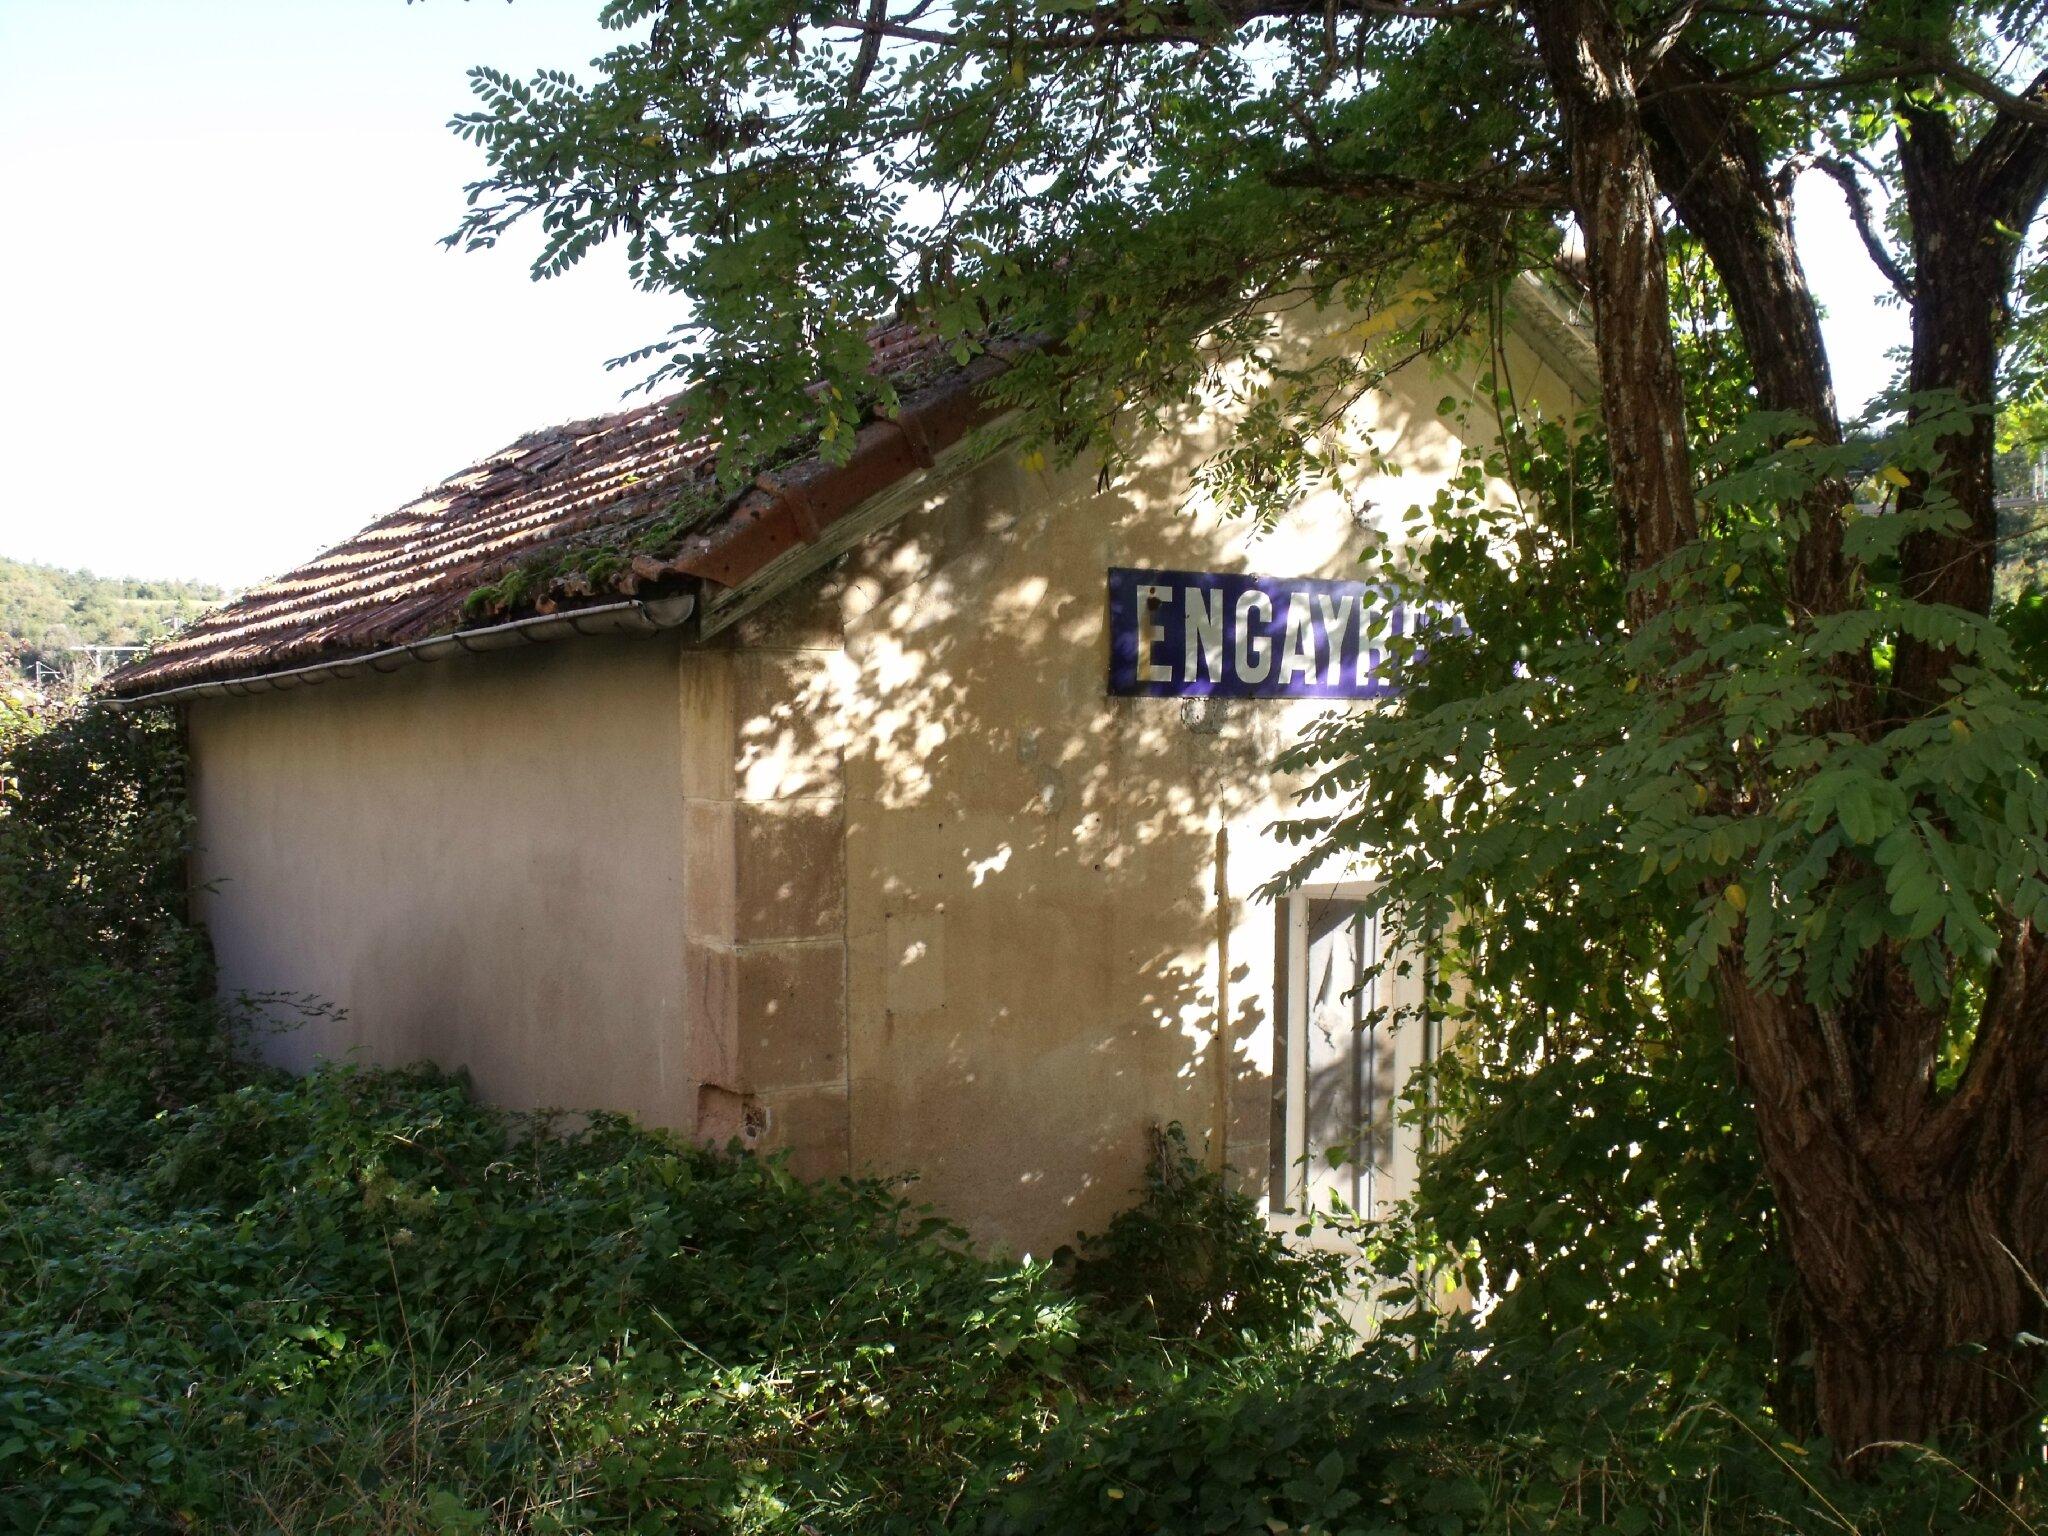 Engayresque (Aveyron - 12) 1